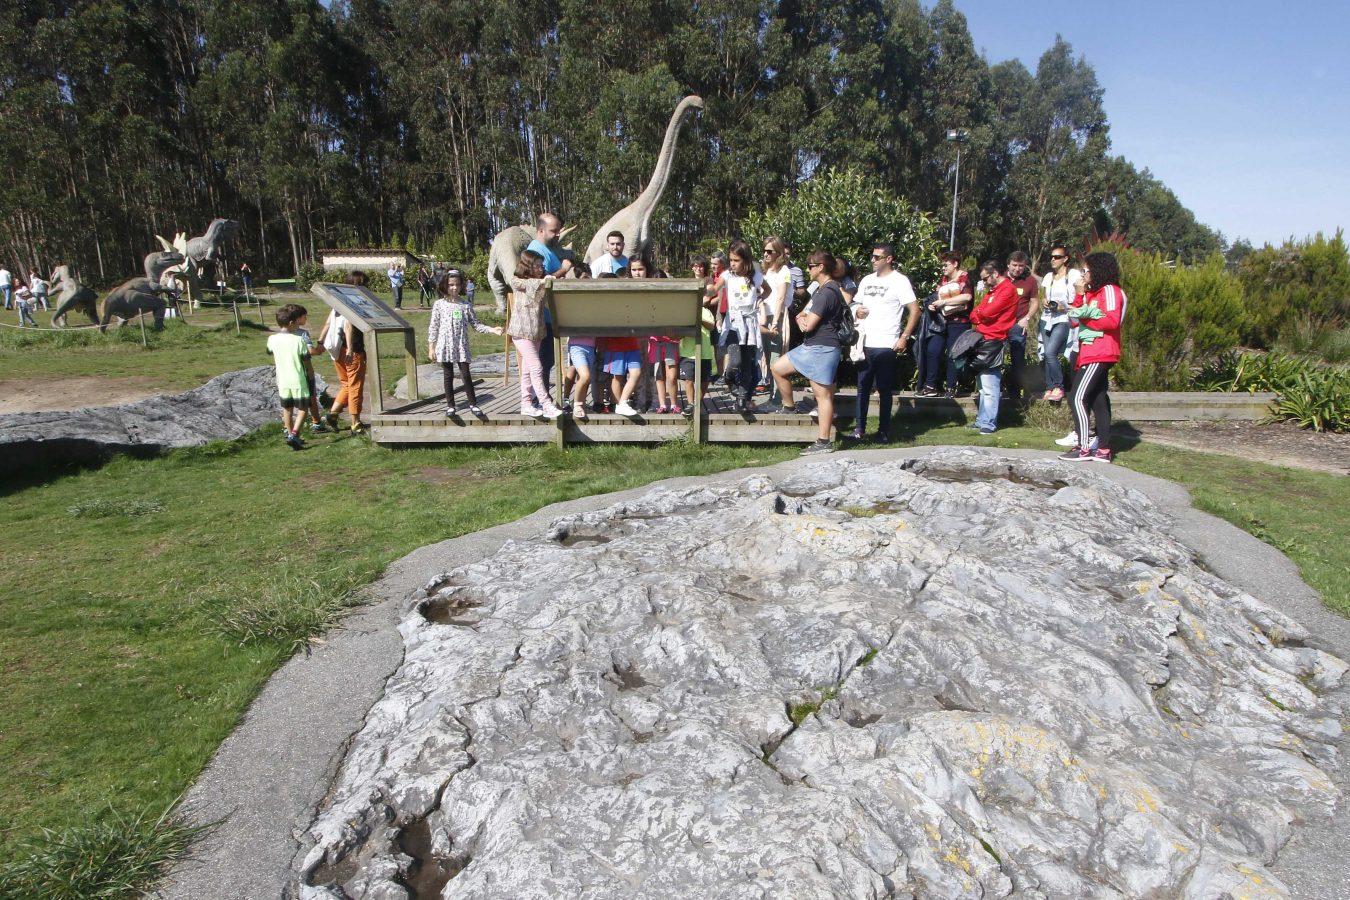 Mas de 7.000 personas visitaron el MUJA de Colunga durante la última Semana Santa